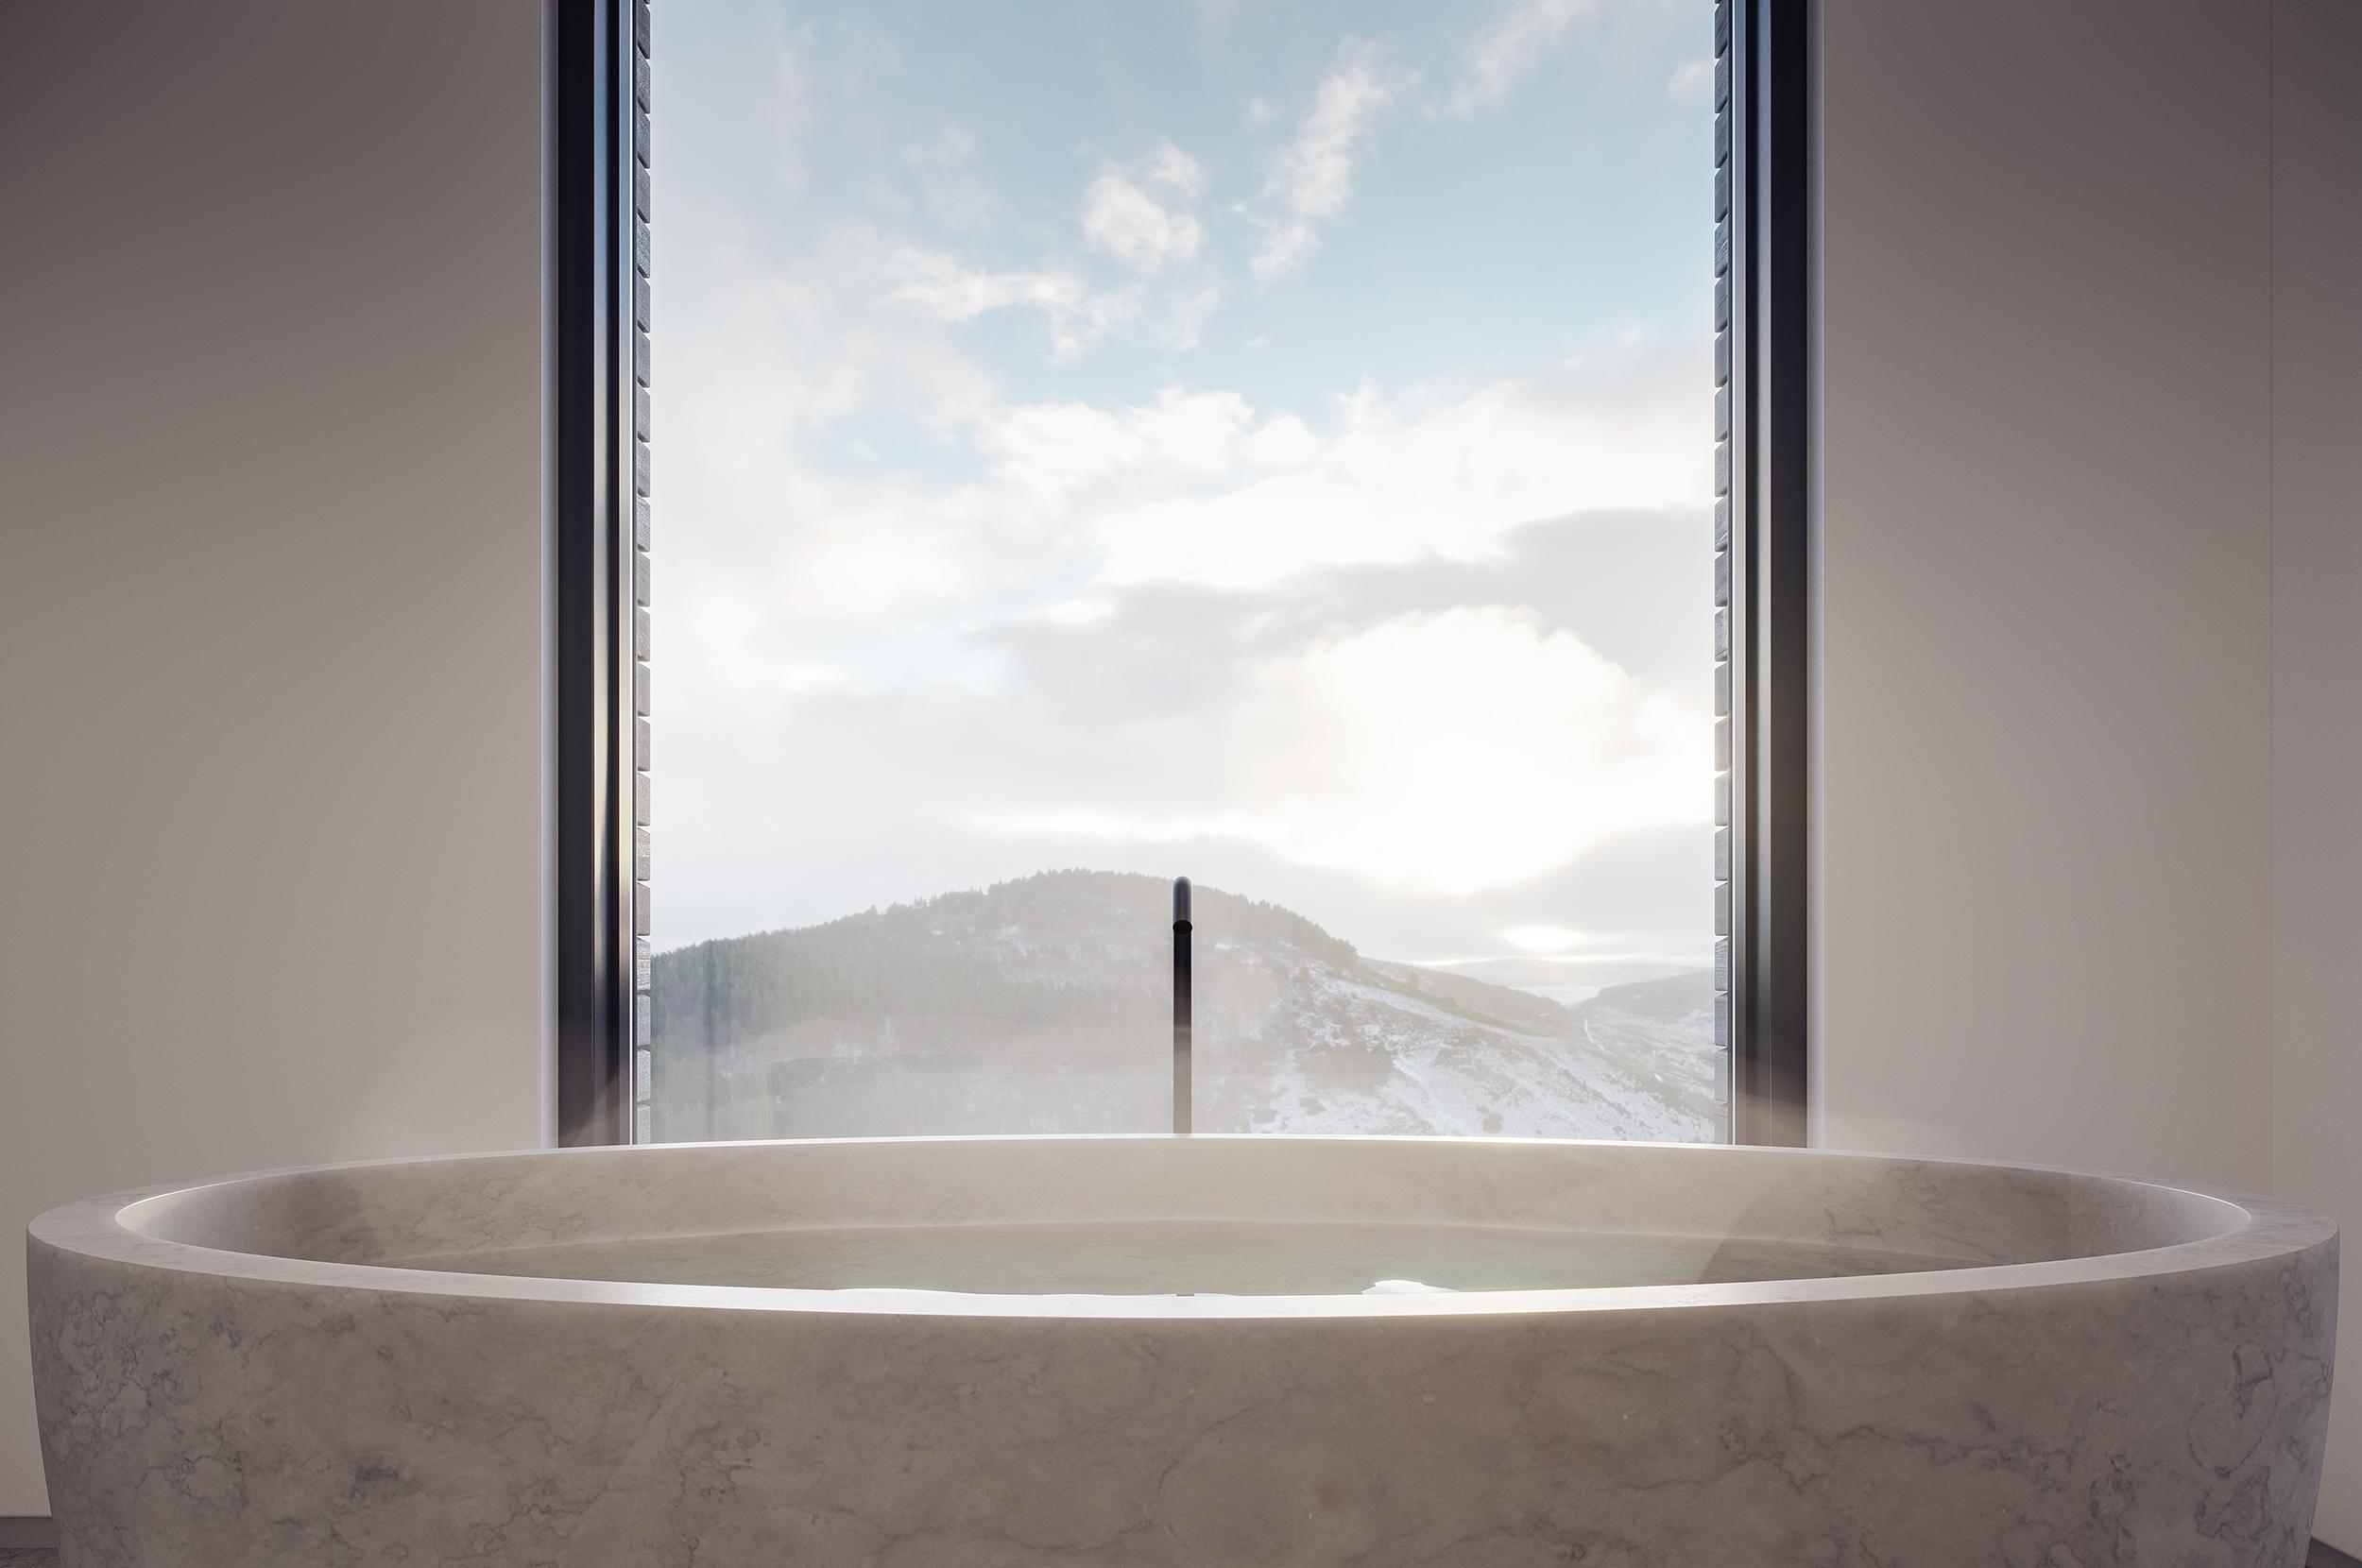 bath, luxury, cairngorms, views, scotland, highlands, landscape